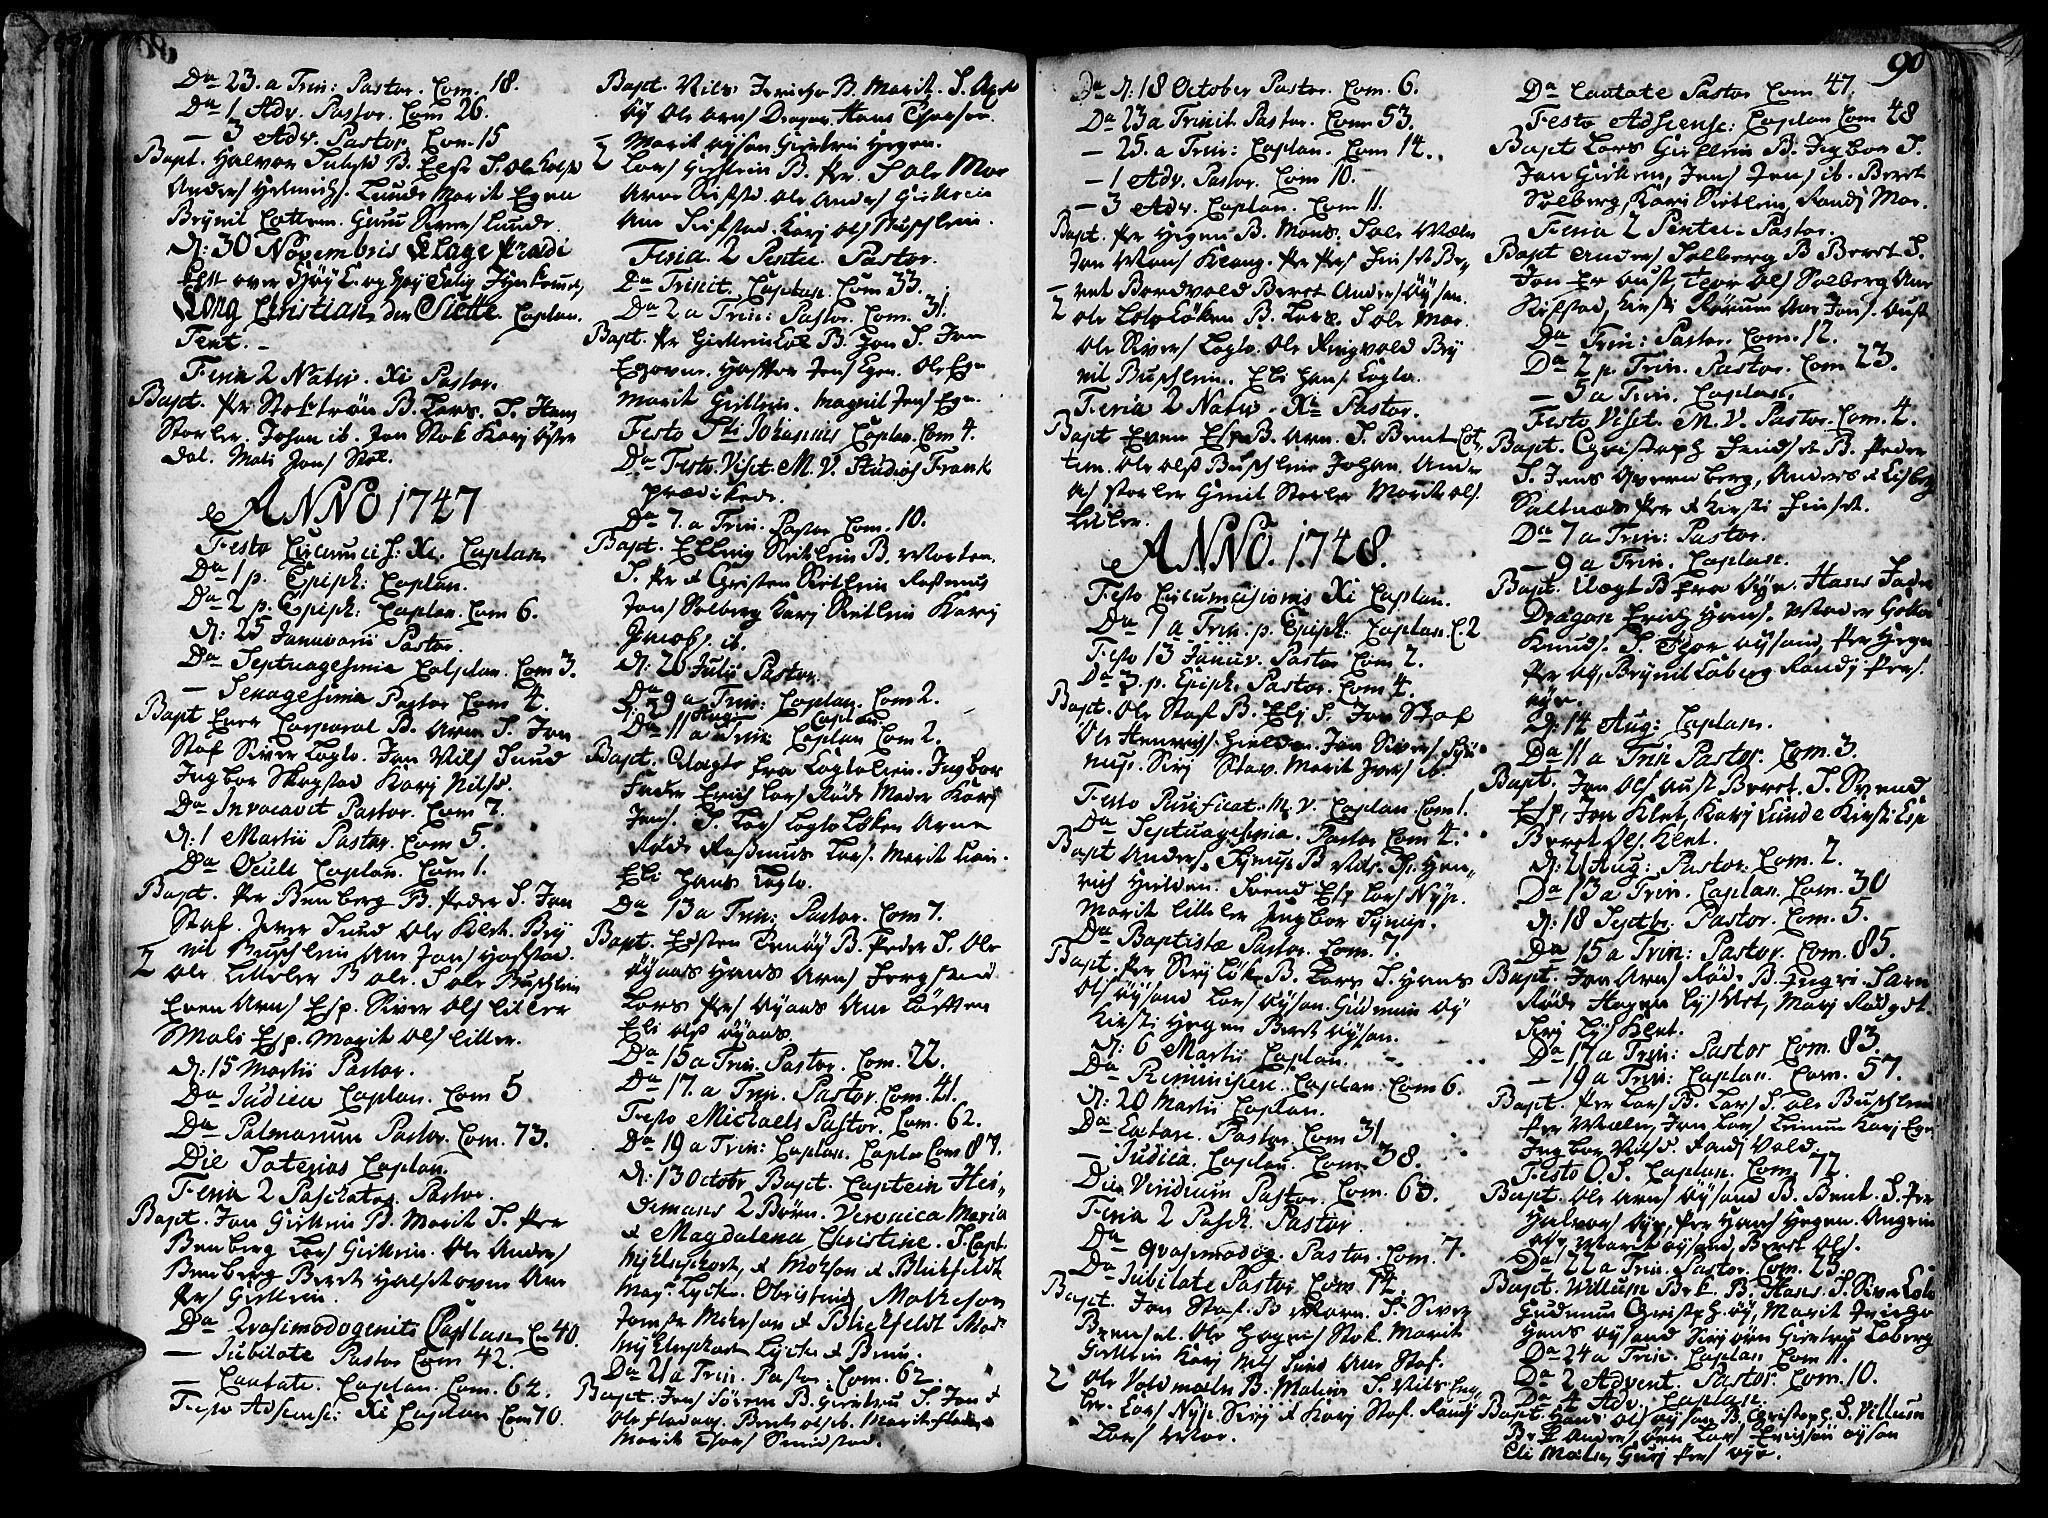 SAT, Ministerialprotokoller, klokkerbøker og fødselsregistre - Sør-Trøndelag, 691/L1059: Ministerialbok nr. 691A01 /3, 1740-1767, s. 90